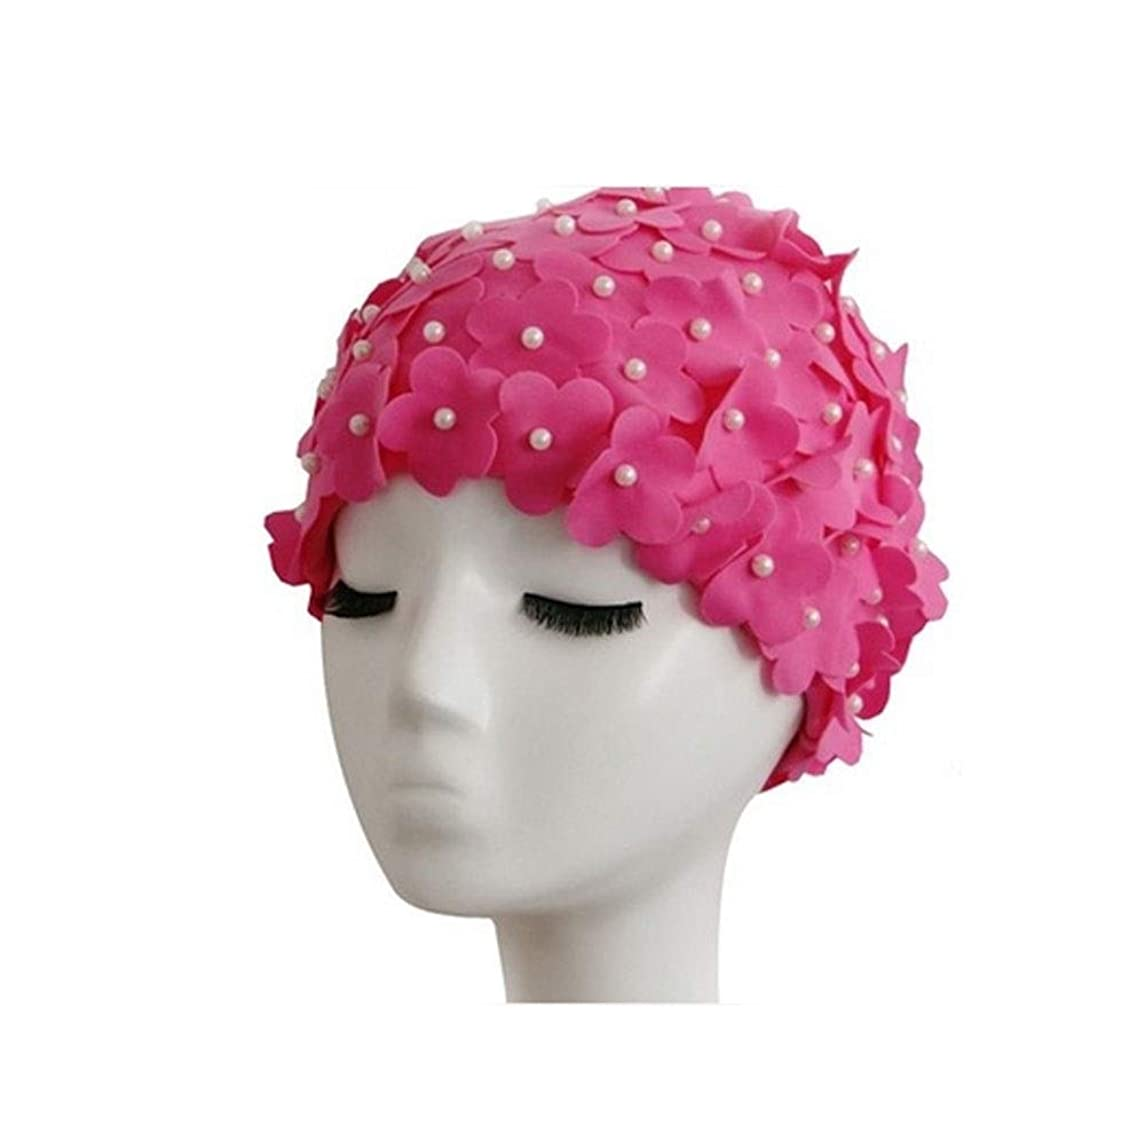 標高しゃがむ密度CXZA シャワーキャップ、女性のすべての髪の長さと厚さのためのレディースシャワーキャップデラックスパーソナリティシャワーキャップ - 防水やカビ耐性、再利用可能なシャワーキャップ。 (Color : 2)